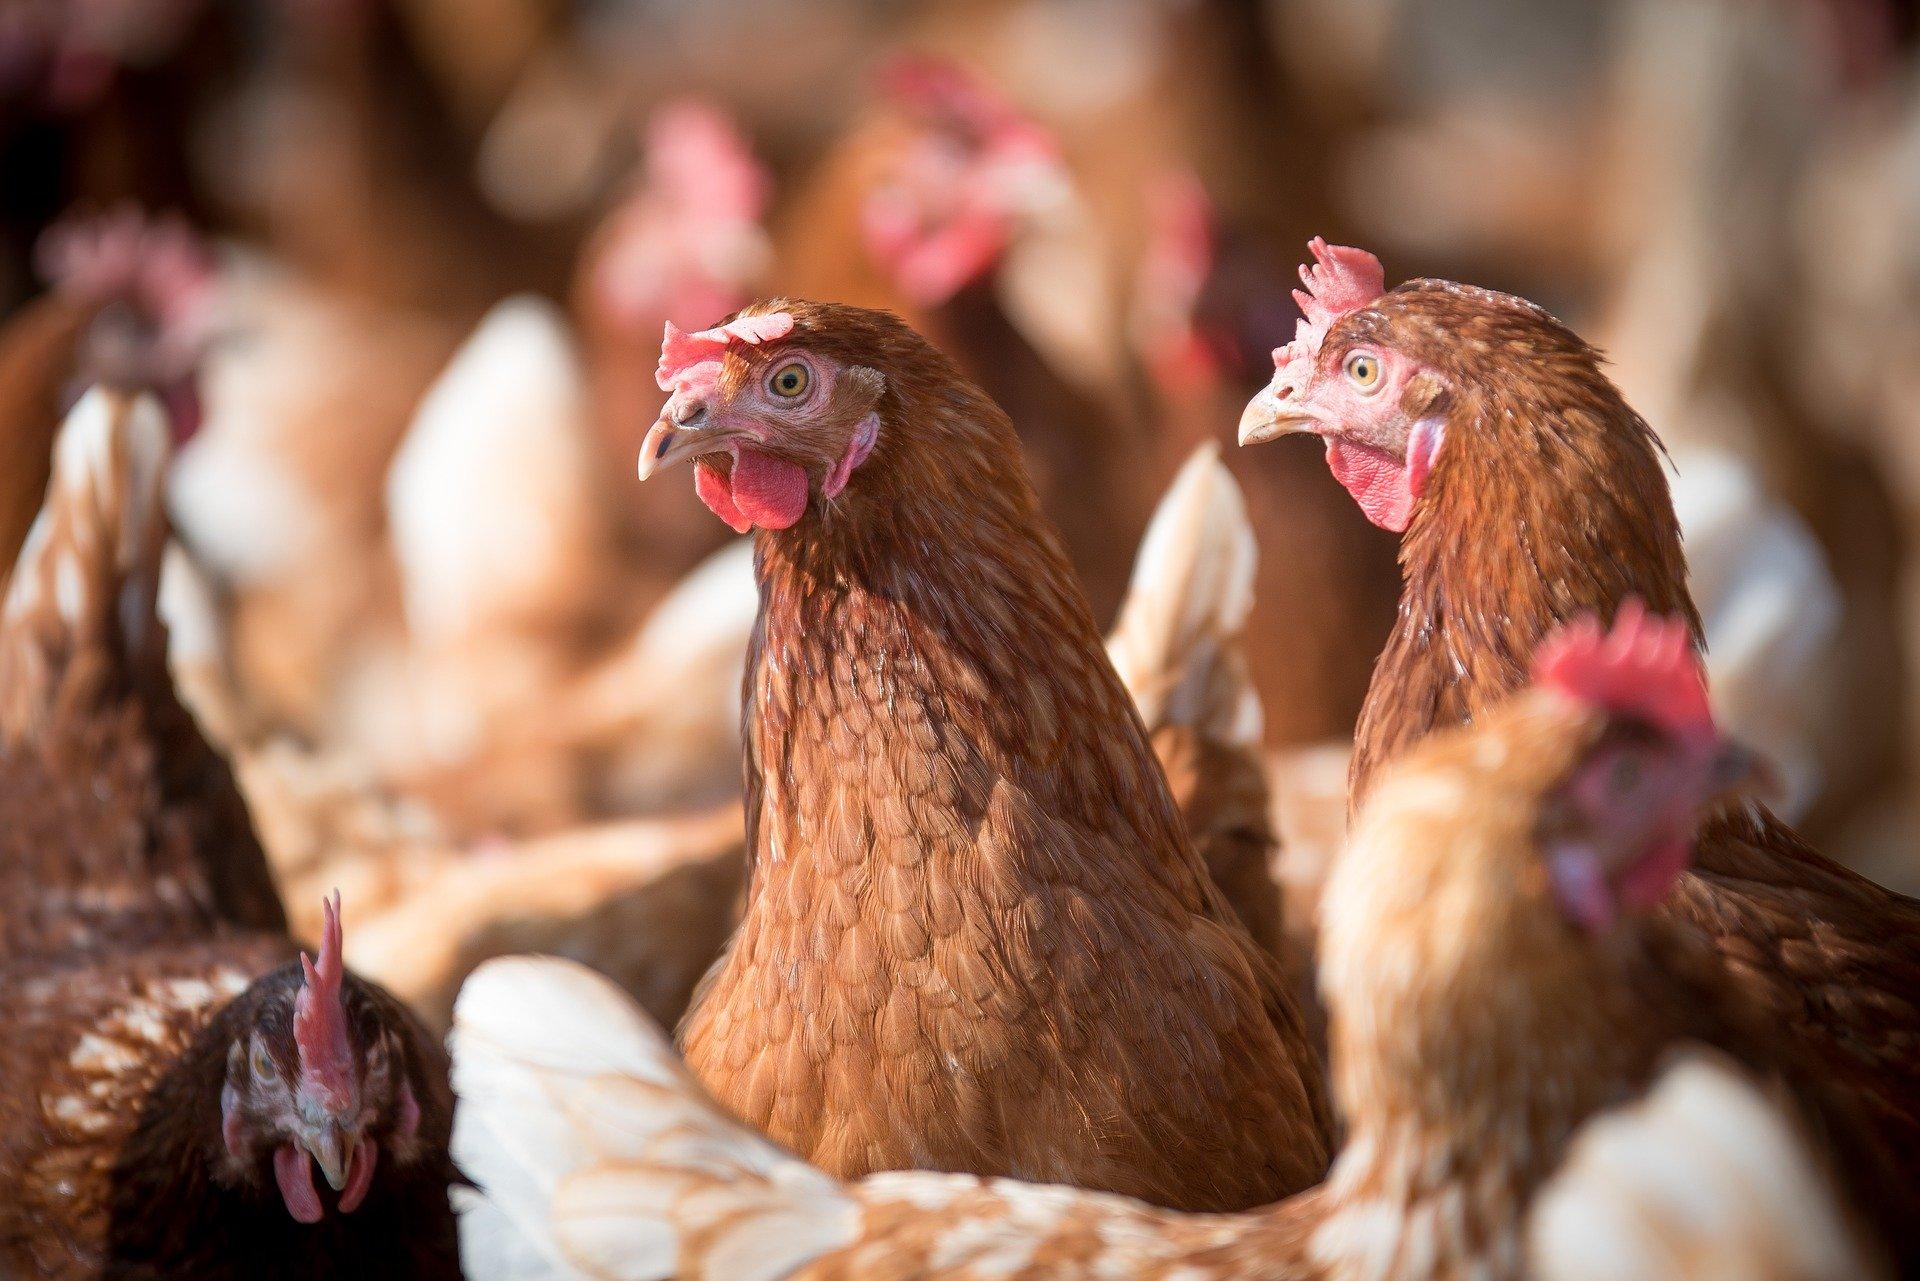 Produção de aves e suínos atende mercado interno e exportações, mostra estudo da Agroicone e ABPA